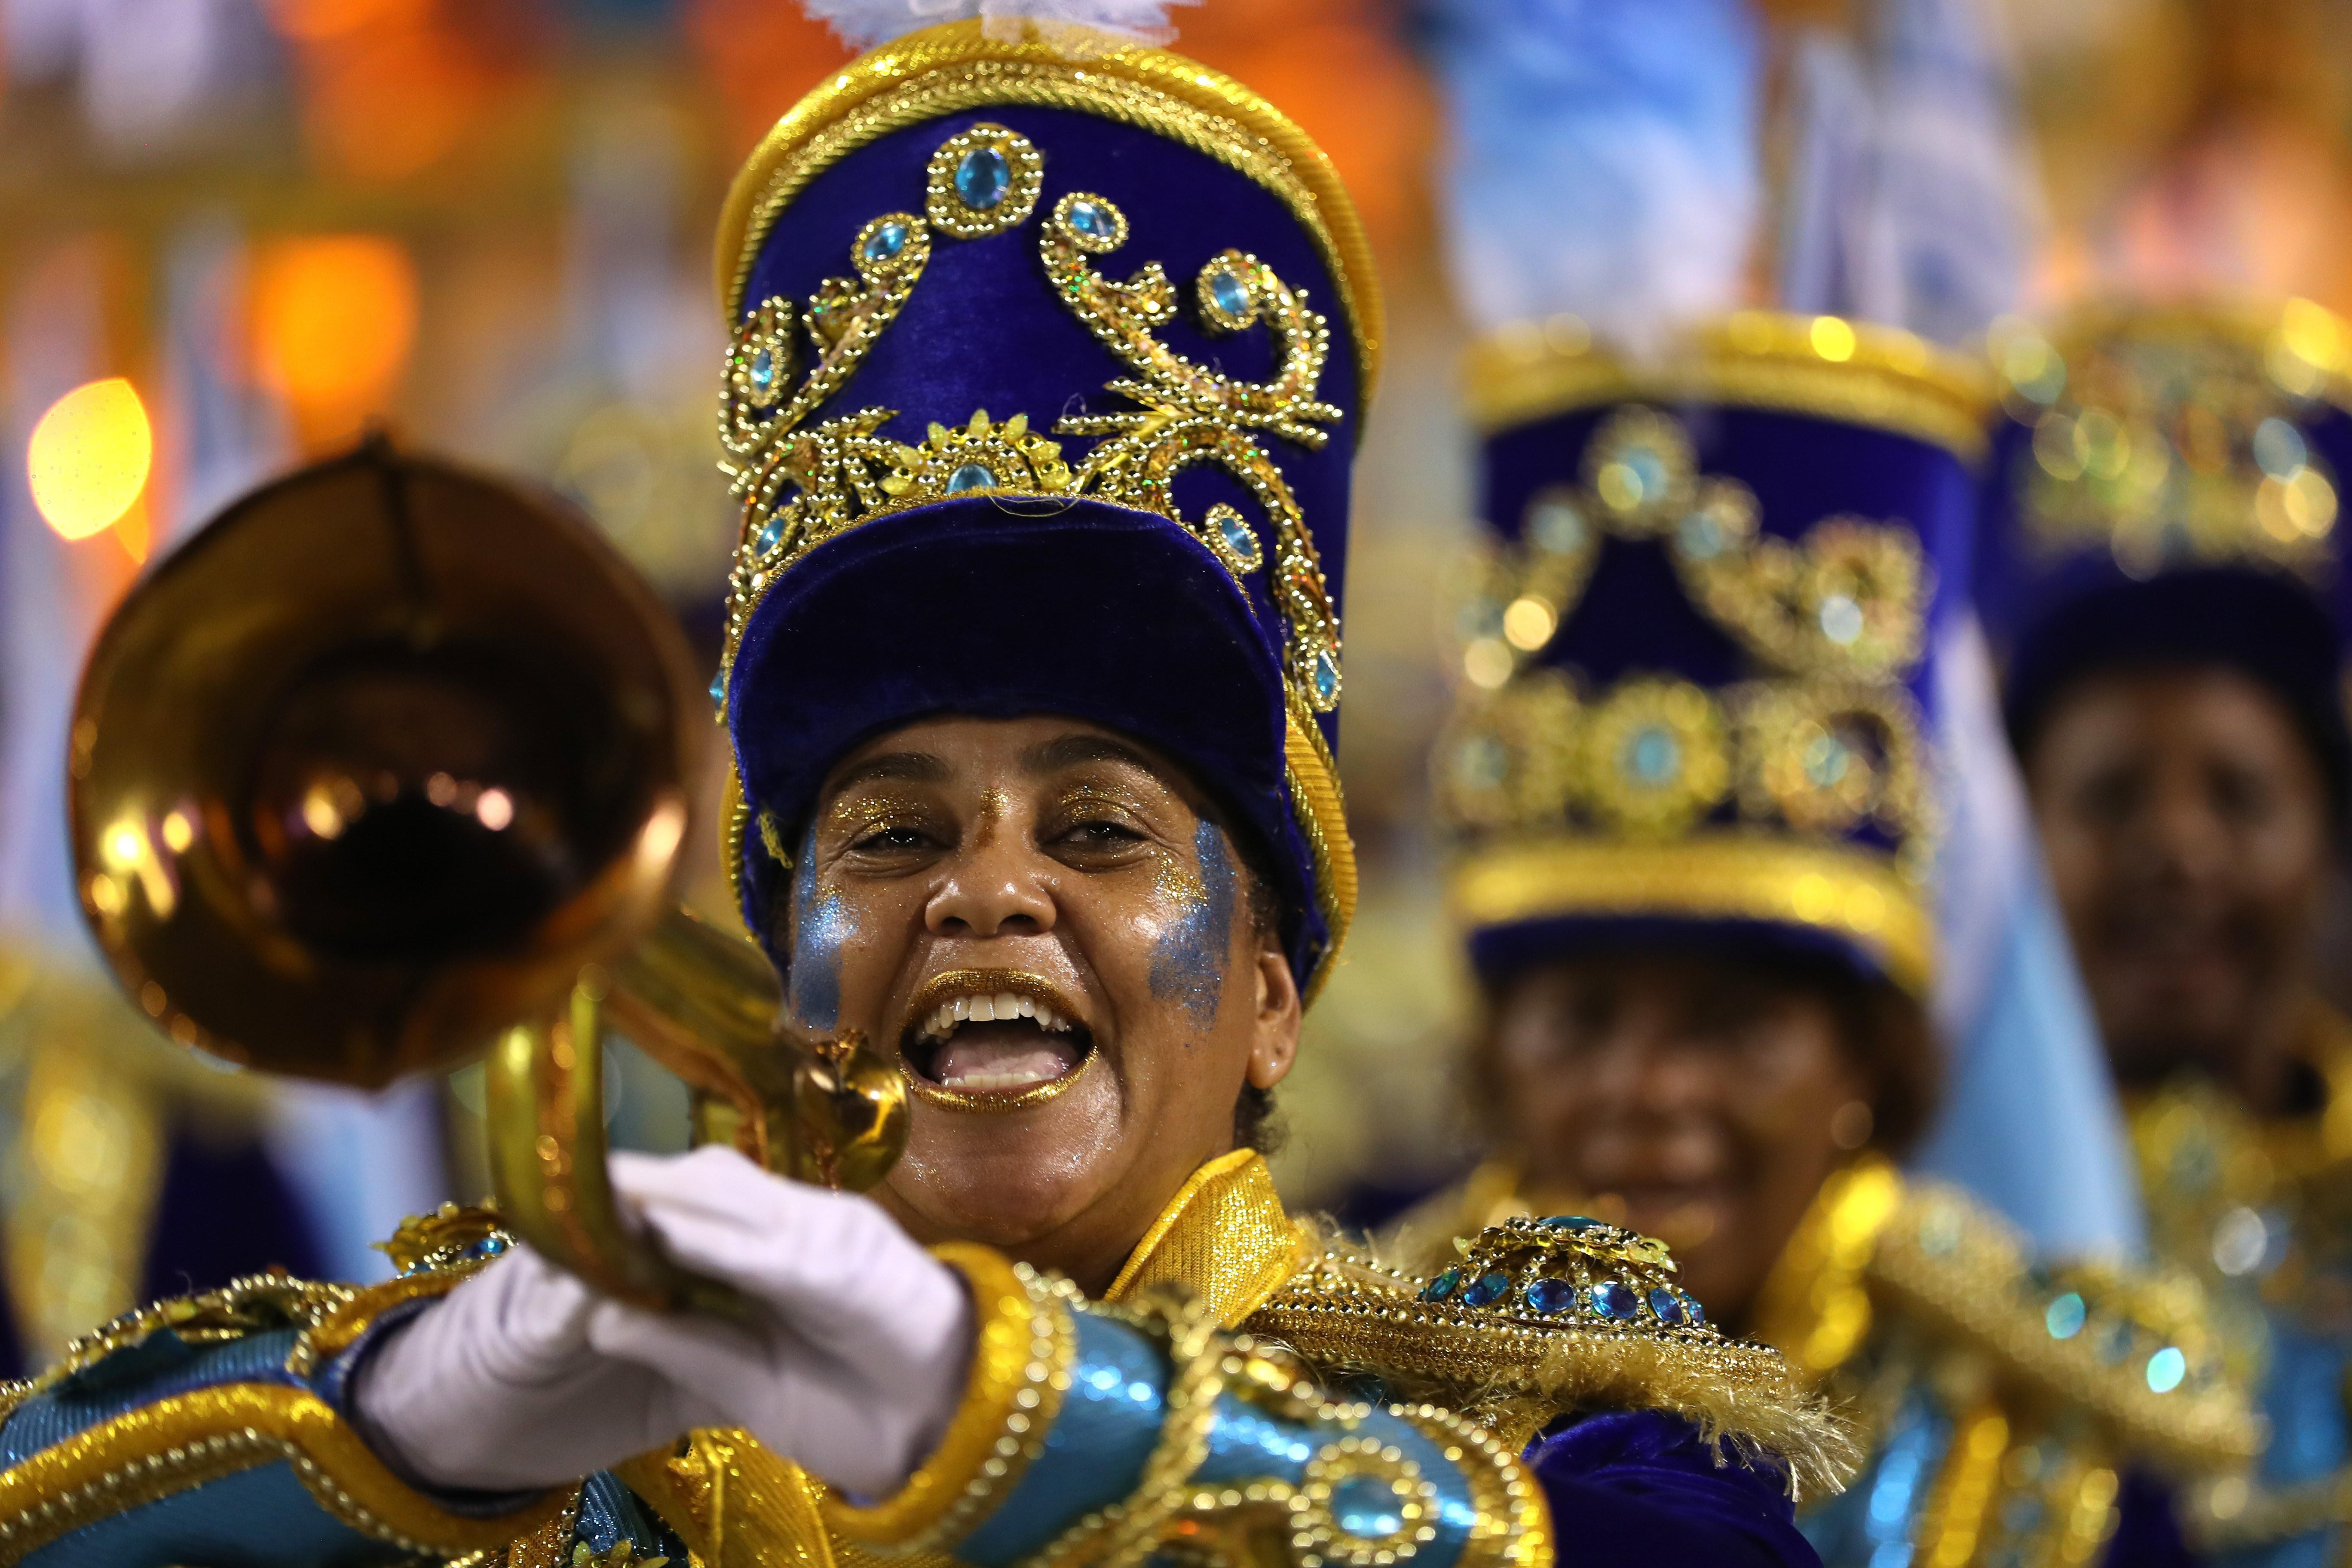 Junto a los timbales, las trompetas brindan el toque de alegría en el Carnaval.